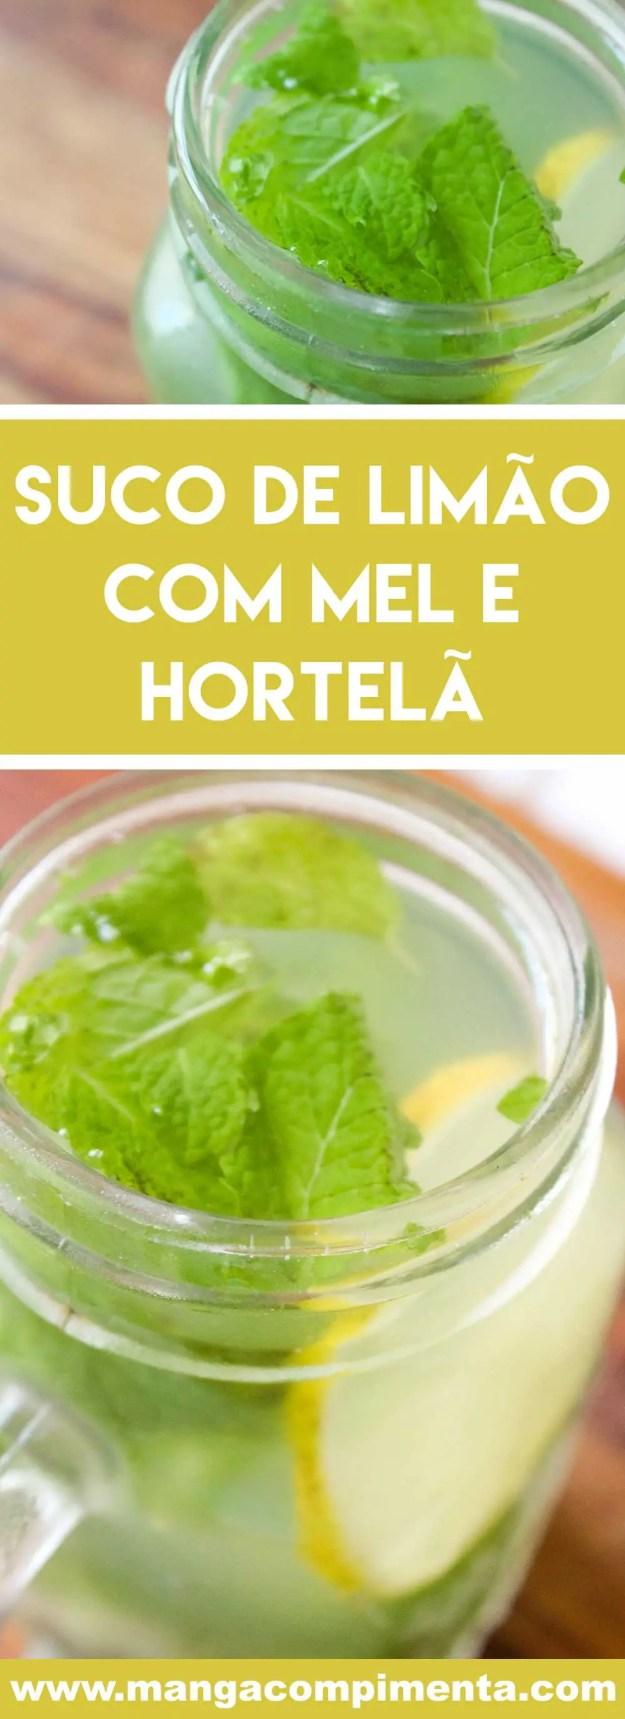 Receita de Suco de Limão com Mel e Hortelã - uma bebida cheia de benefícios para a sua saúde, prepare também nos dias frios!